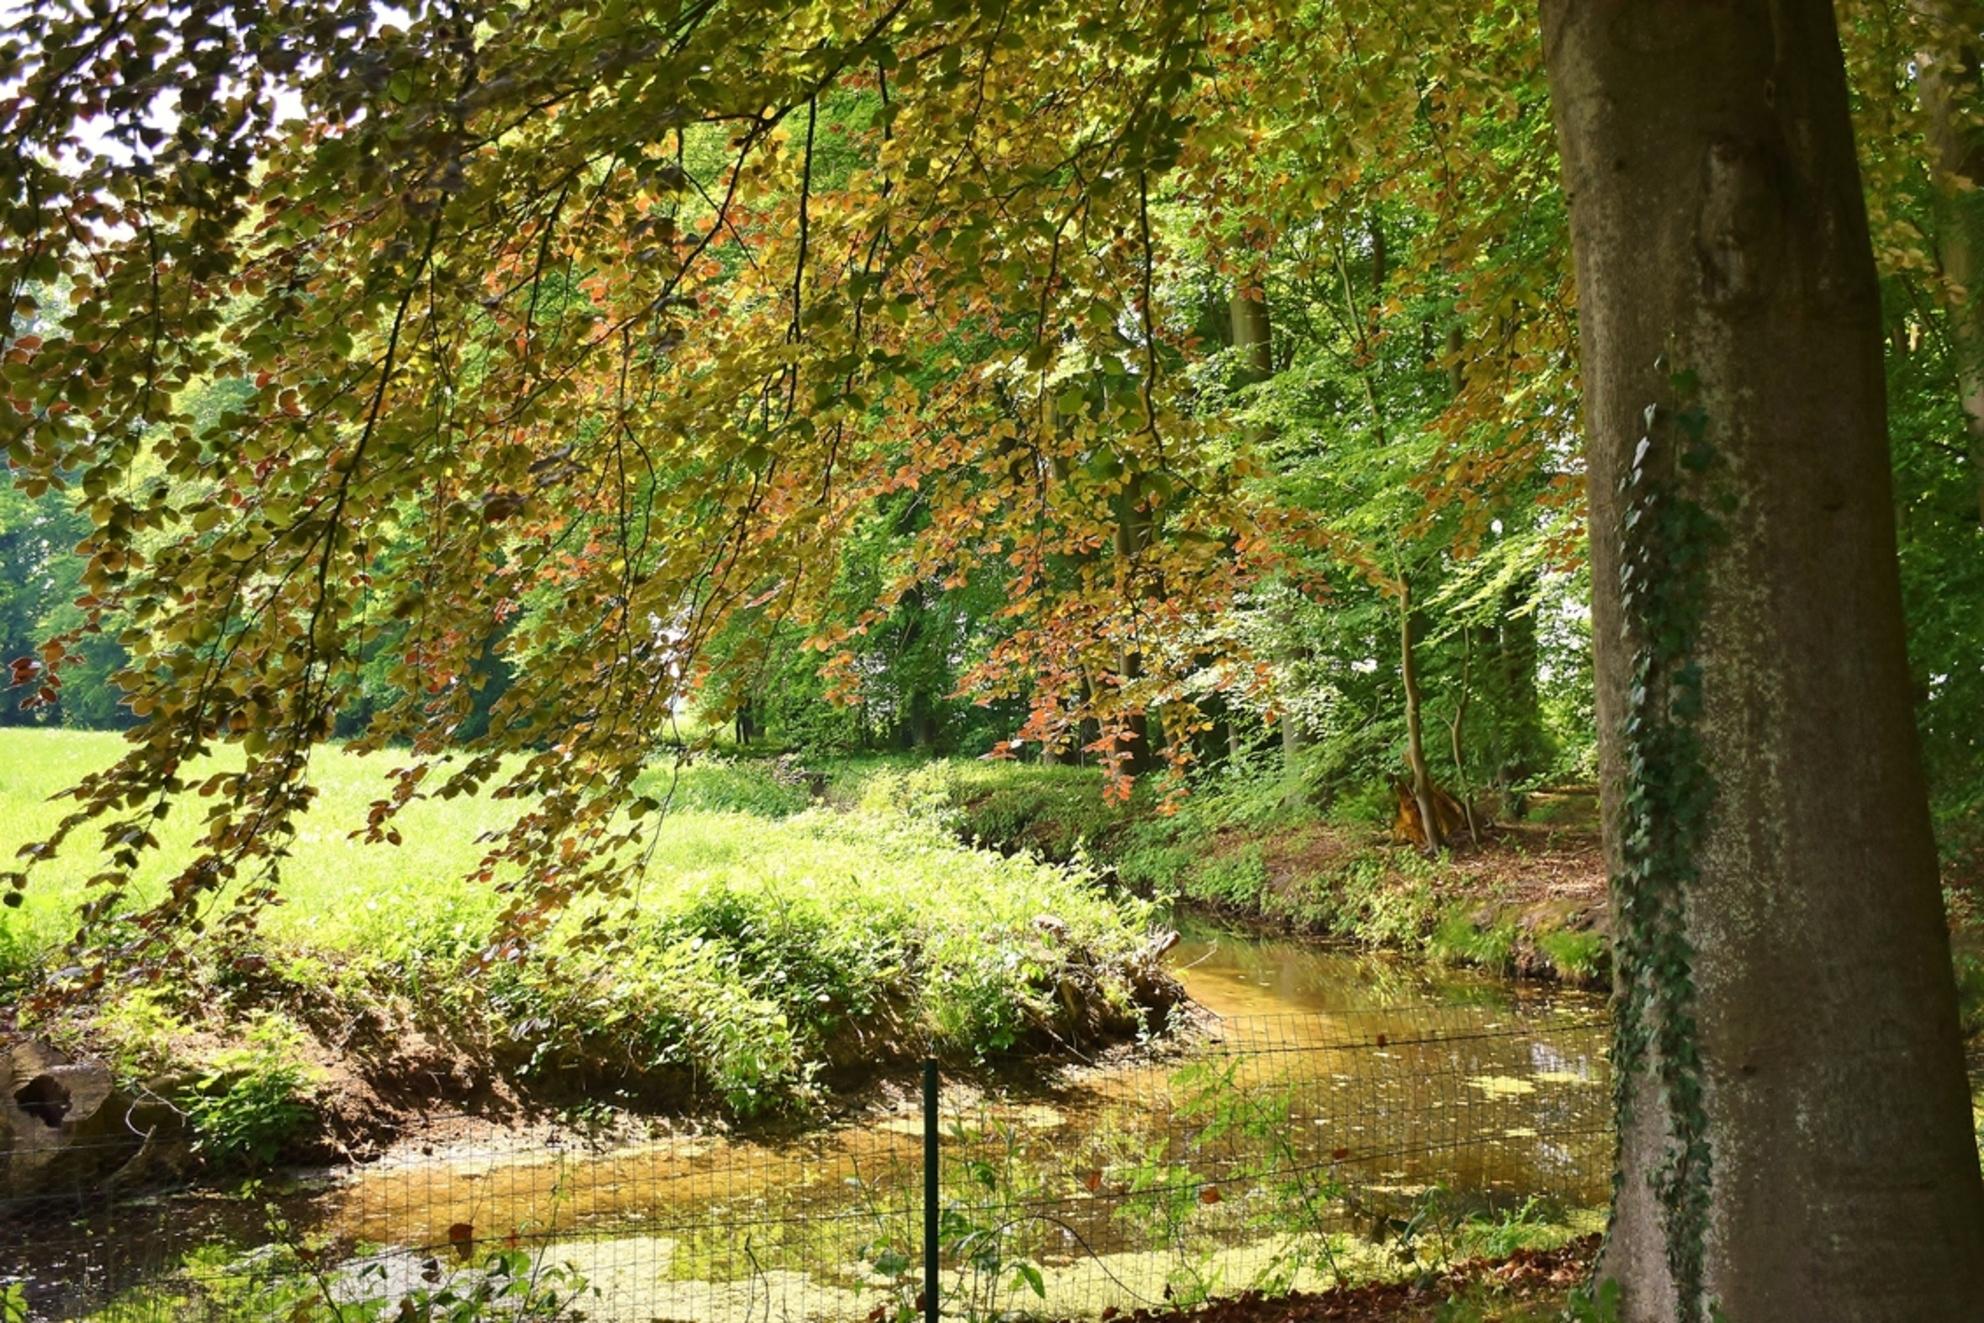 Stromend beekje - Stromend beekje - foto door 1Herdershond op 26-05-2019 - deze foto bevat: groen, water, park, landgoed, bos, bomen, beek, struiken, beekjes - Deze foto mag gebruikt worden in een Zoom.nl publicatie